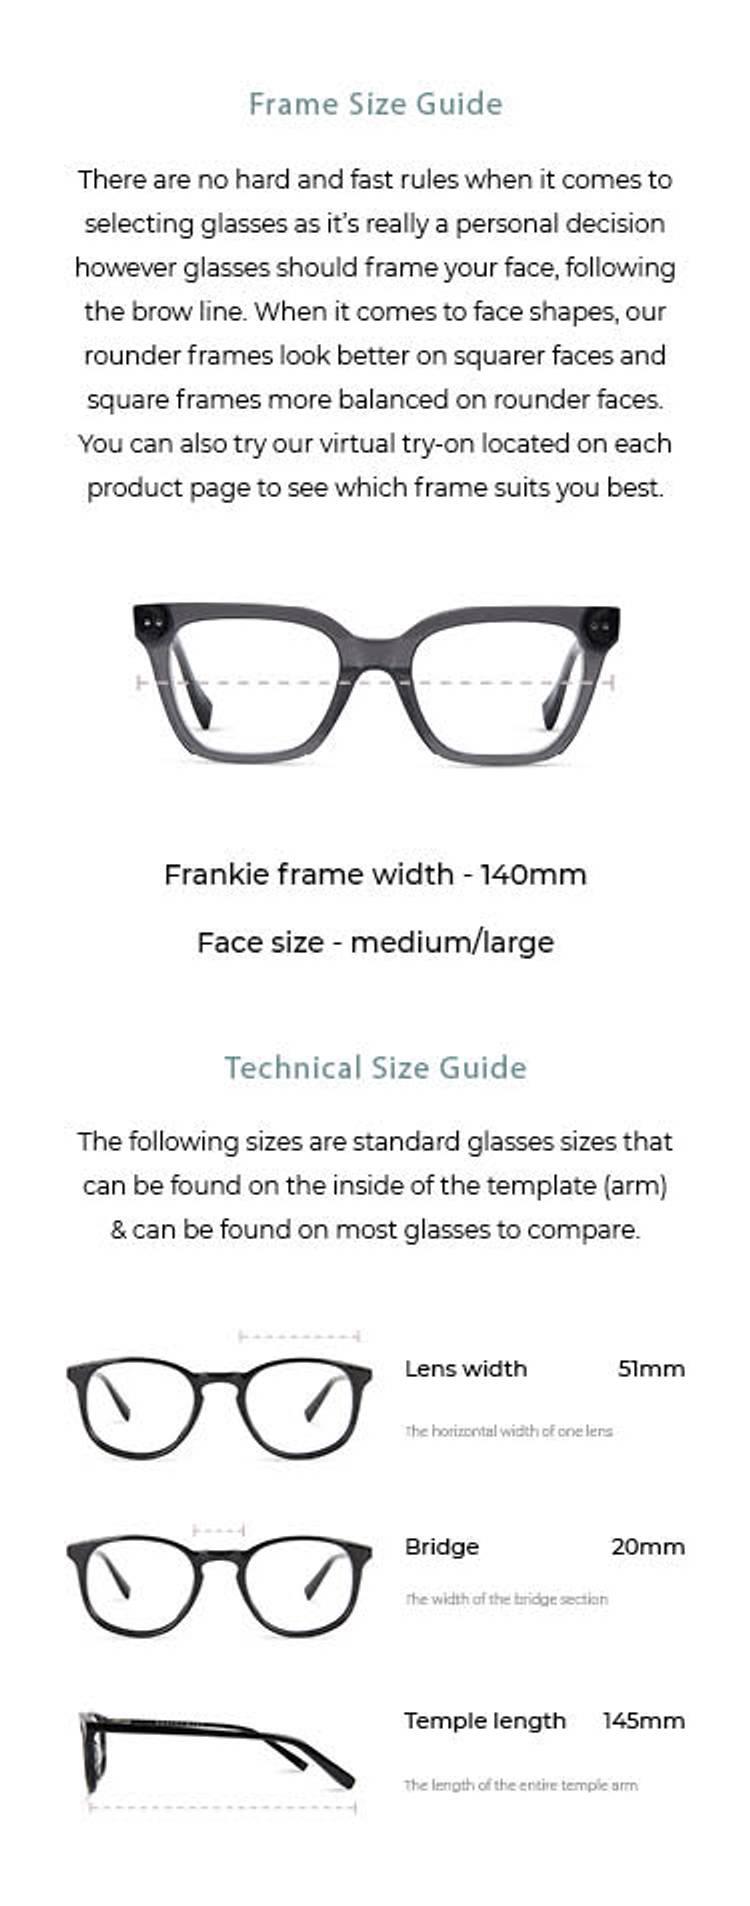 Frankie - Crystal Toffee